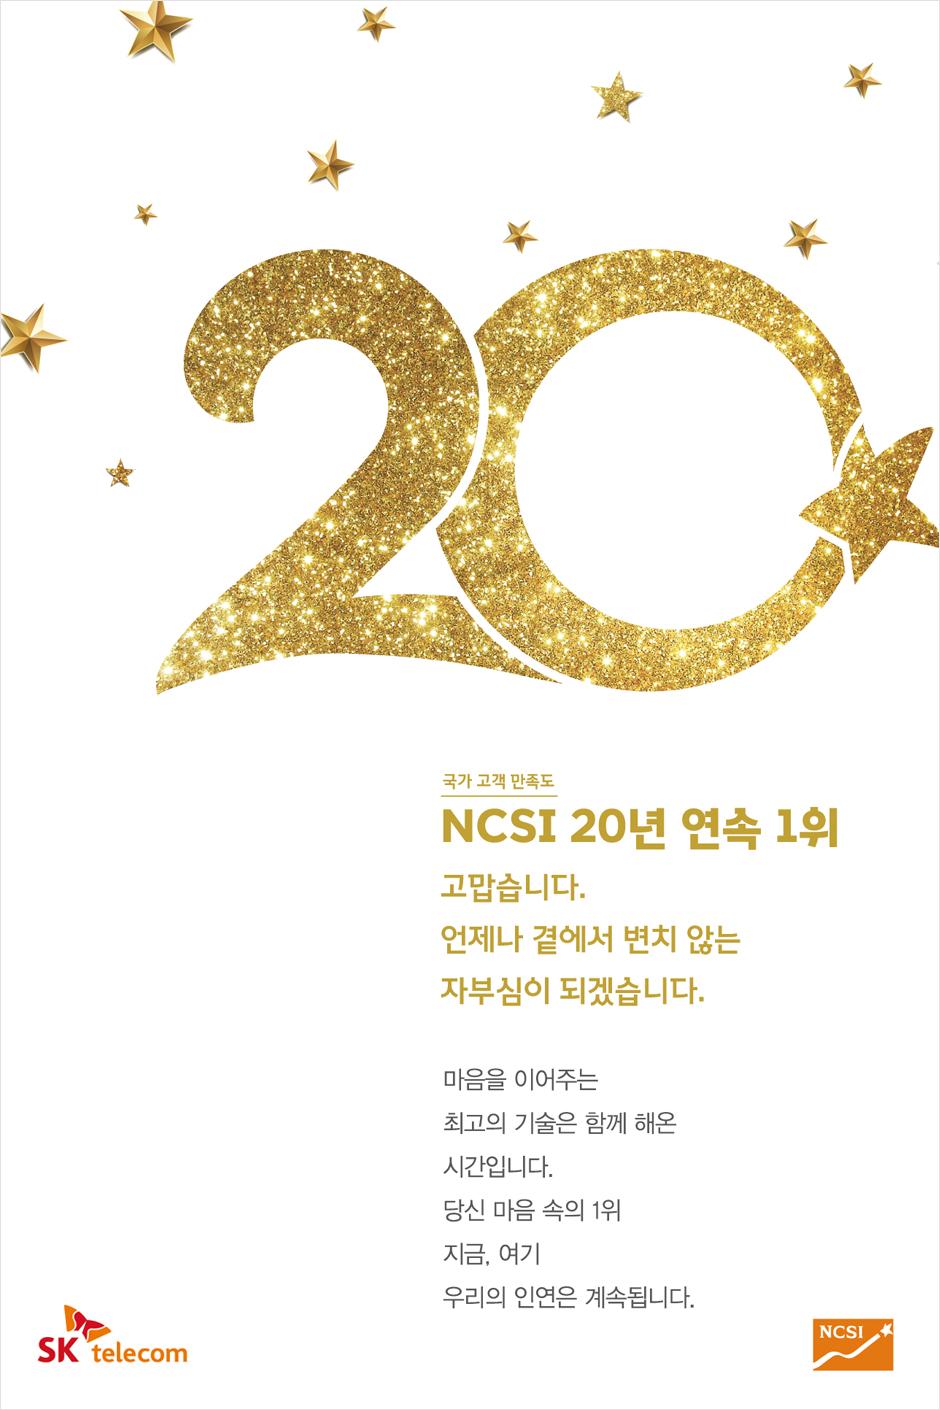 170329-NCSI-20th_26